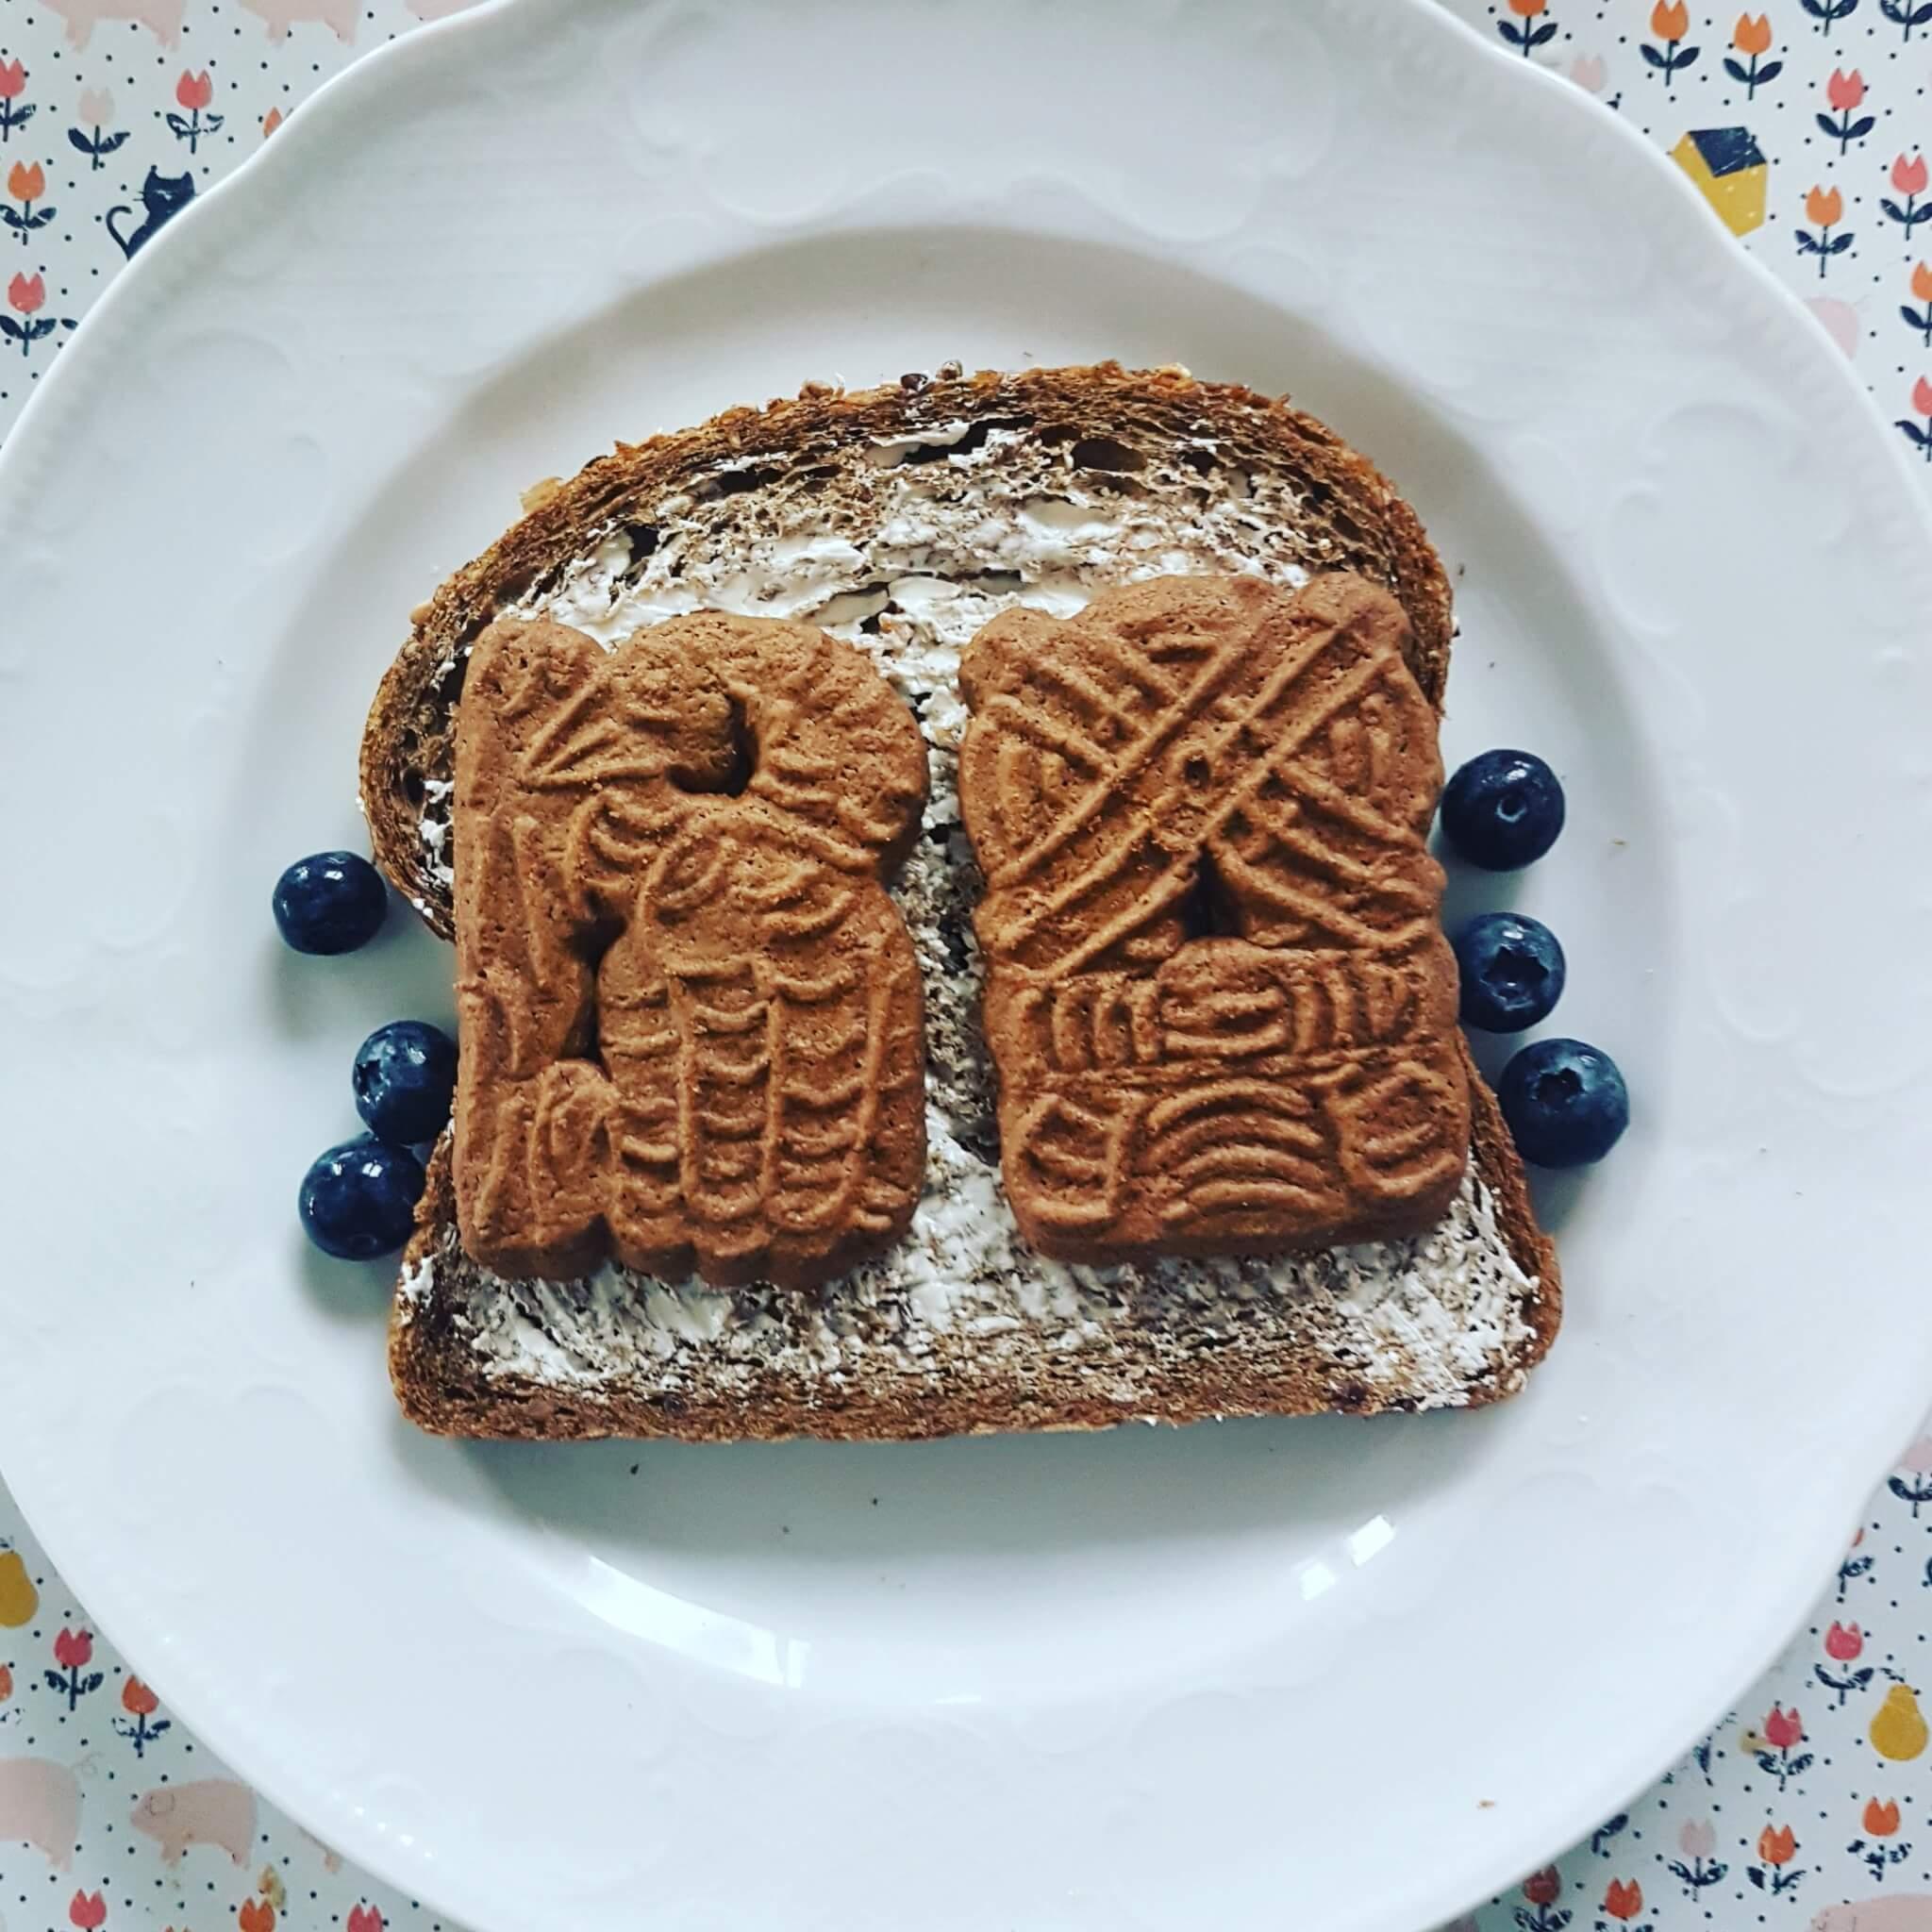 Sinterklaas traditie: speculaas op brood